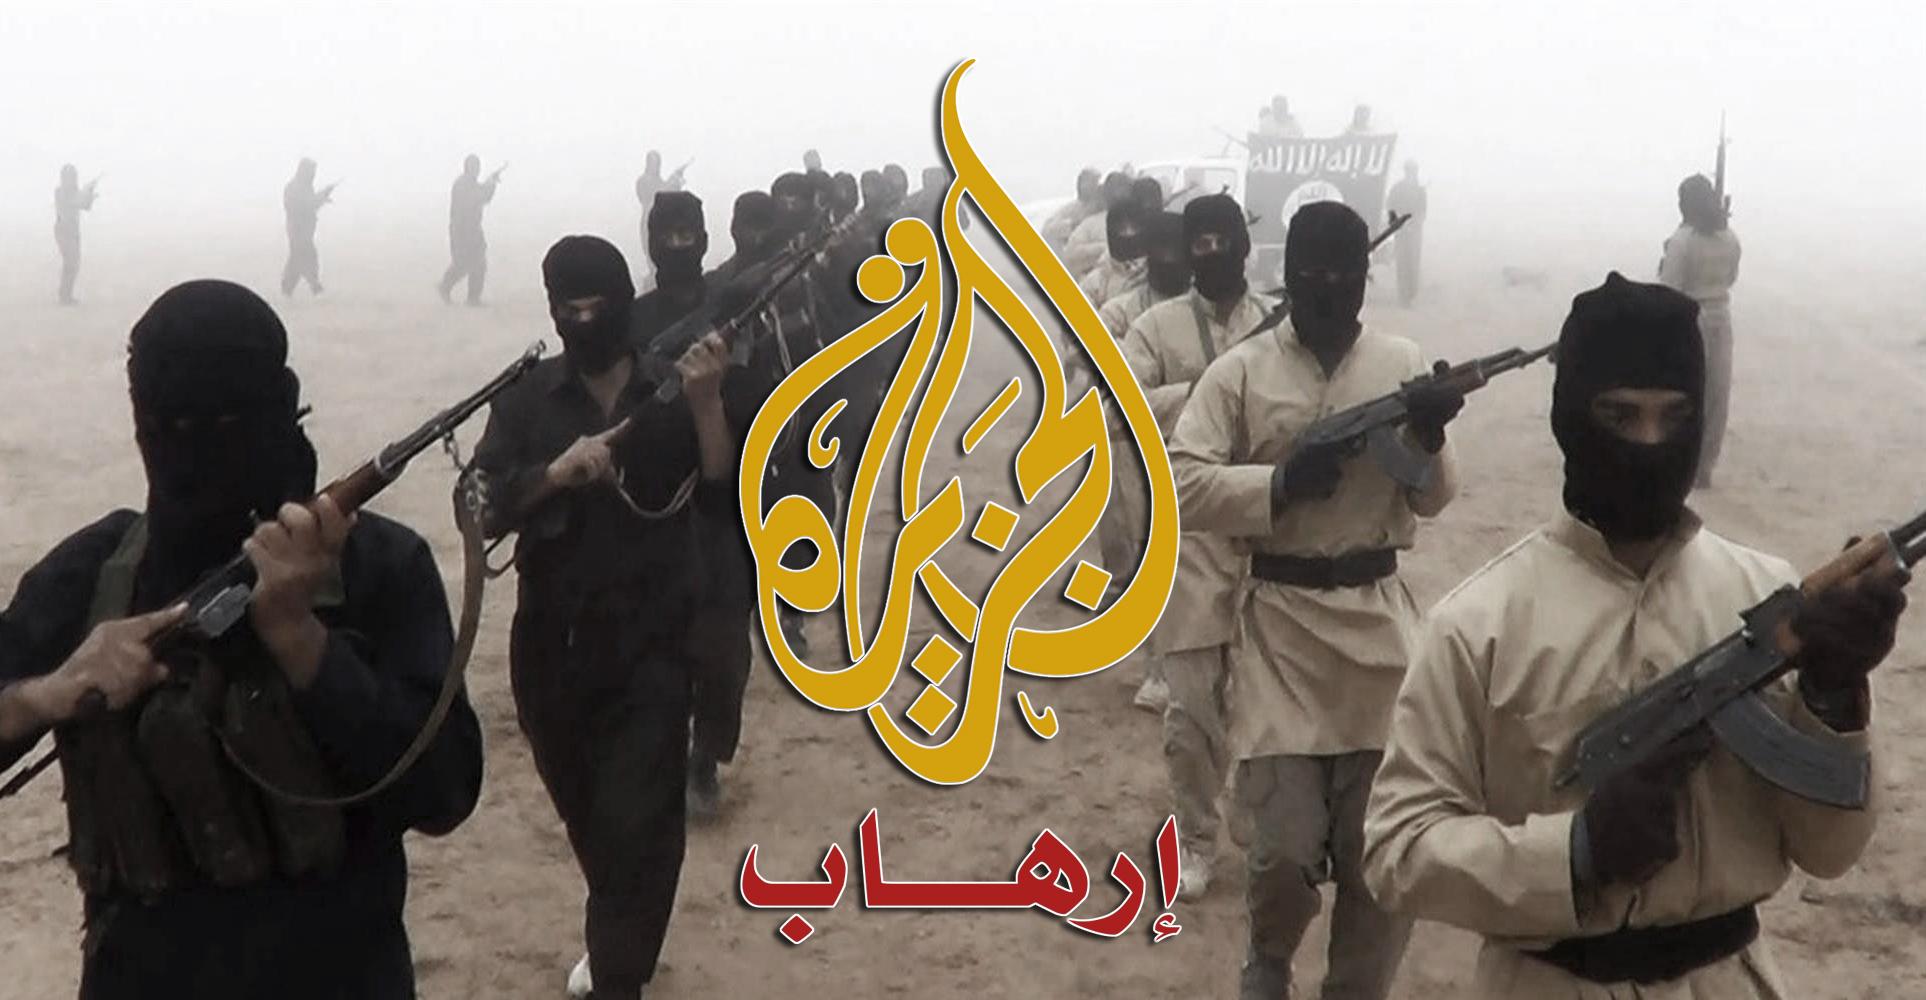 صورة كيف انتصر العرب في حرب ٦٧؟  ناجي بن عمو يشرح